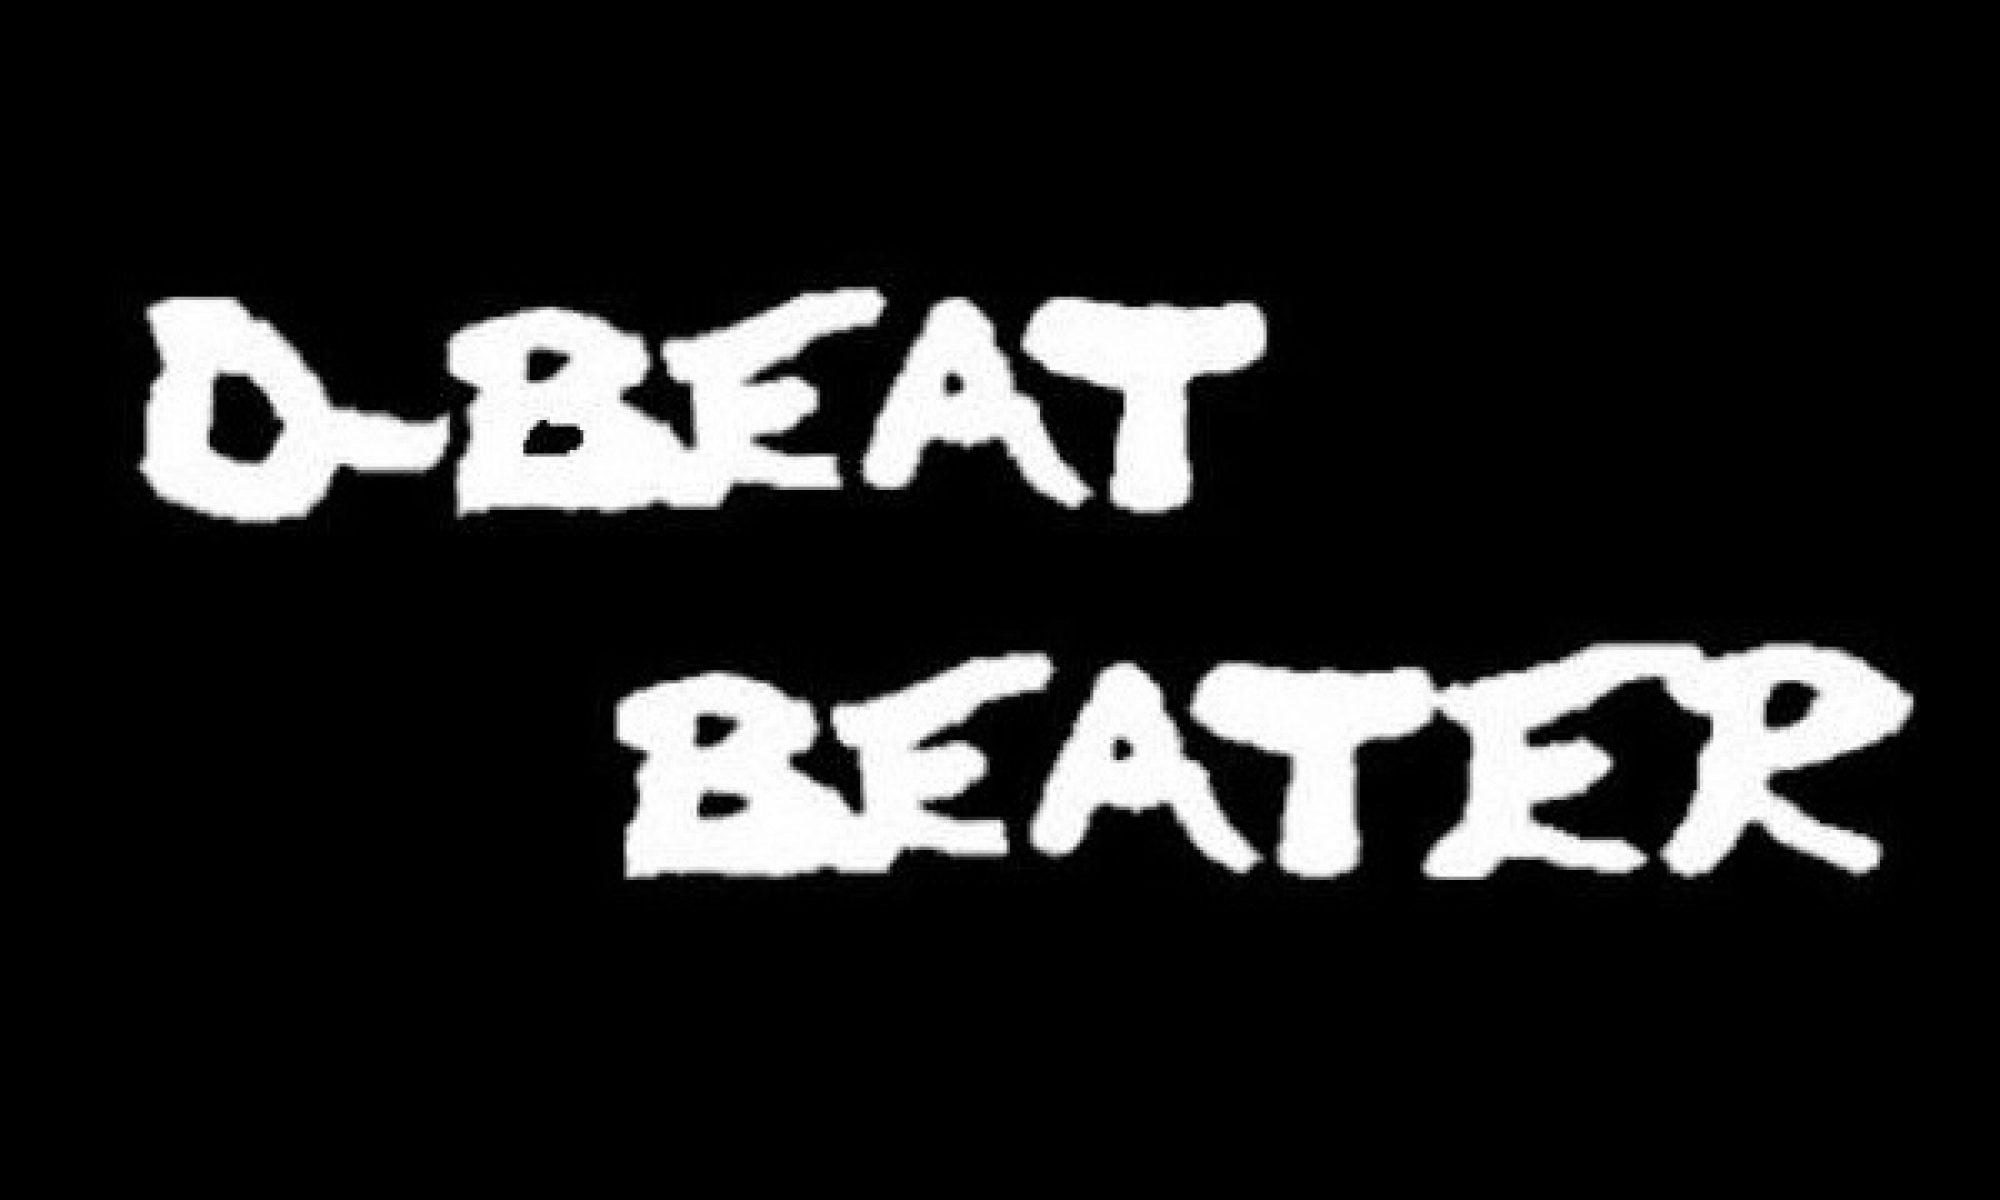 D-Beat Beater